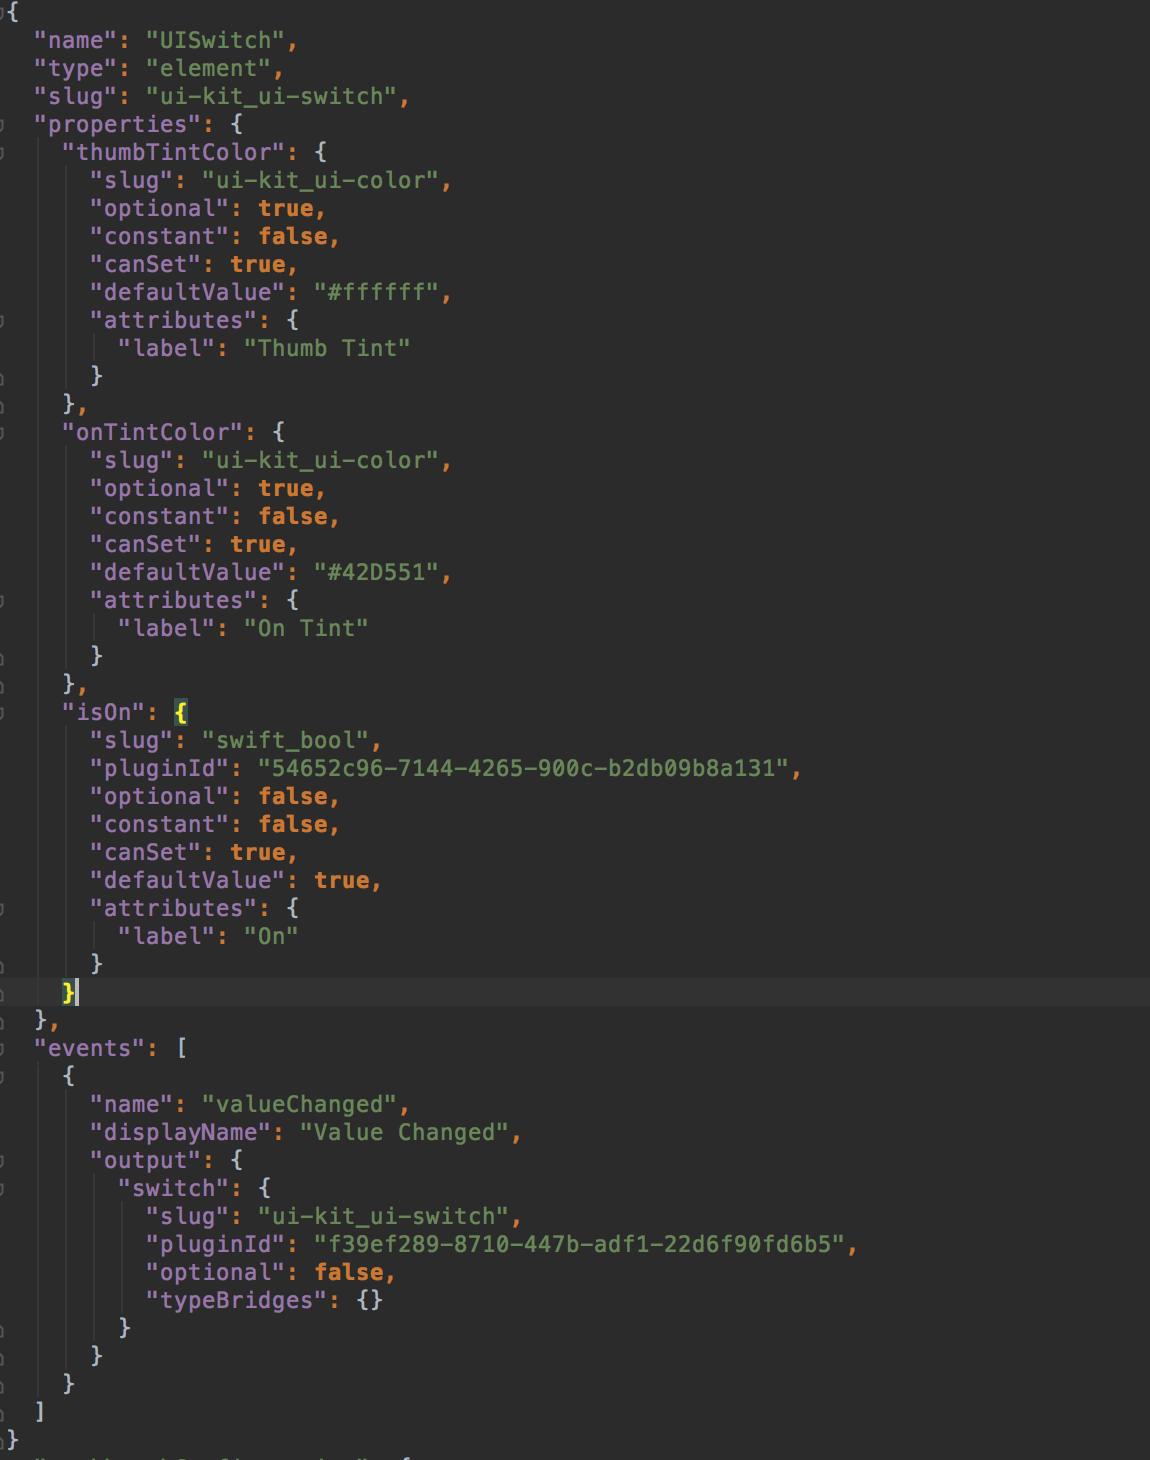 element definition file